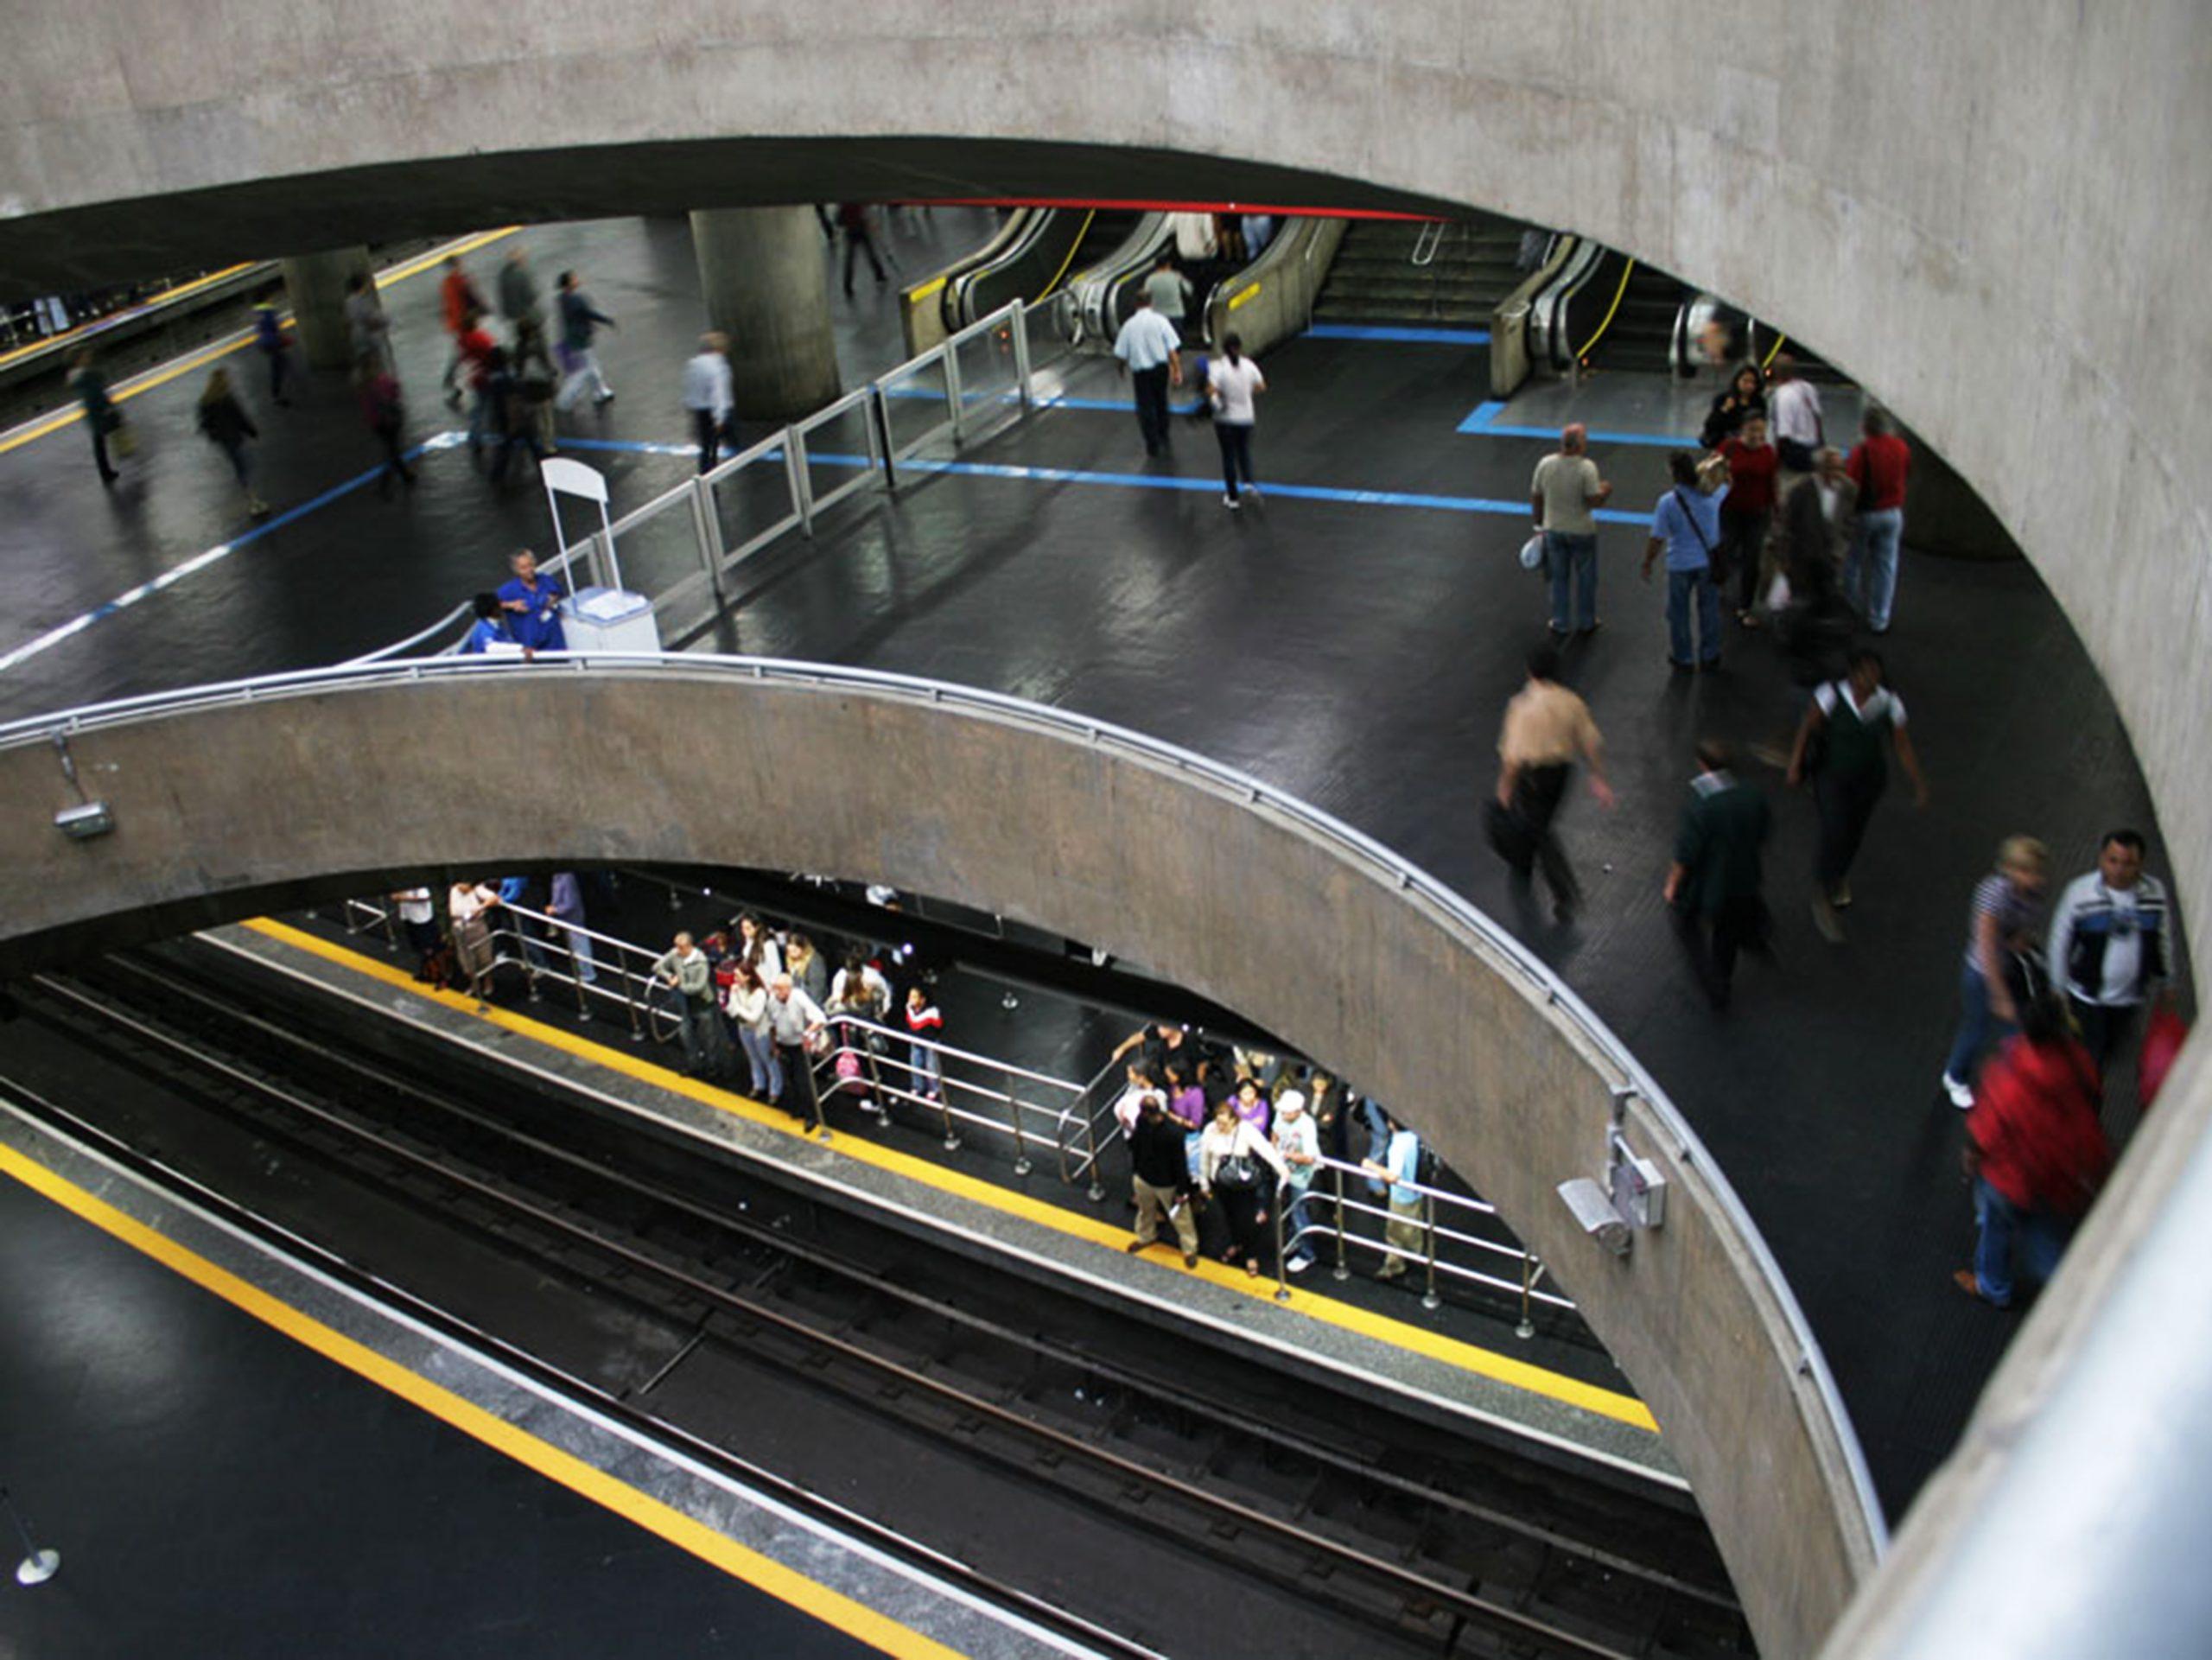 Lacinhos serão distribuídos no Metrô, em prol do Outubro Rosa